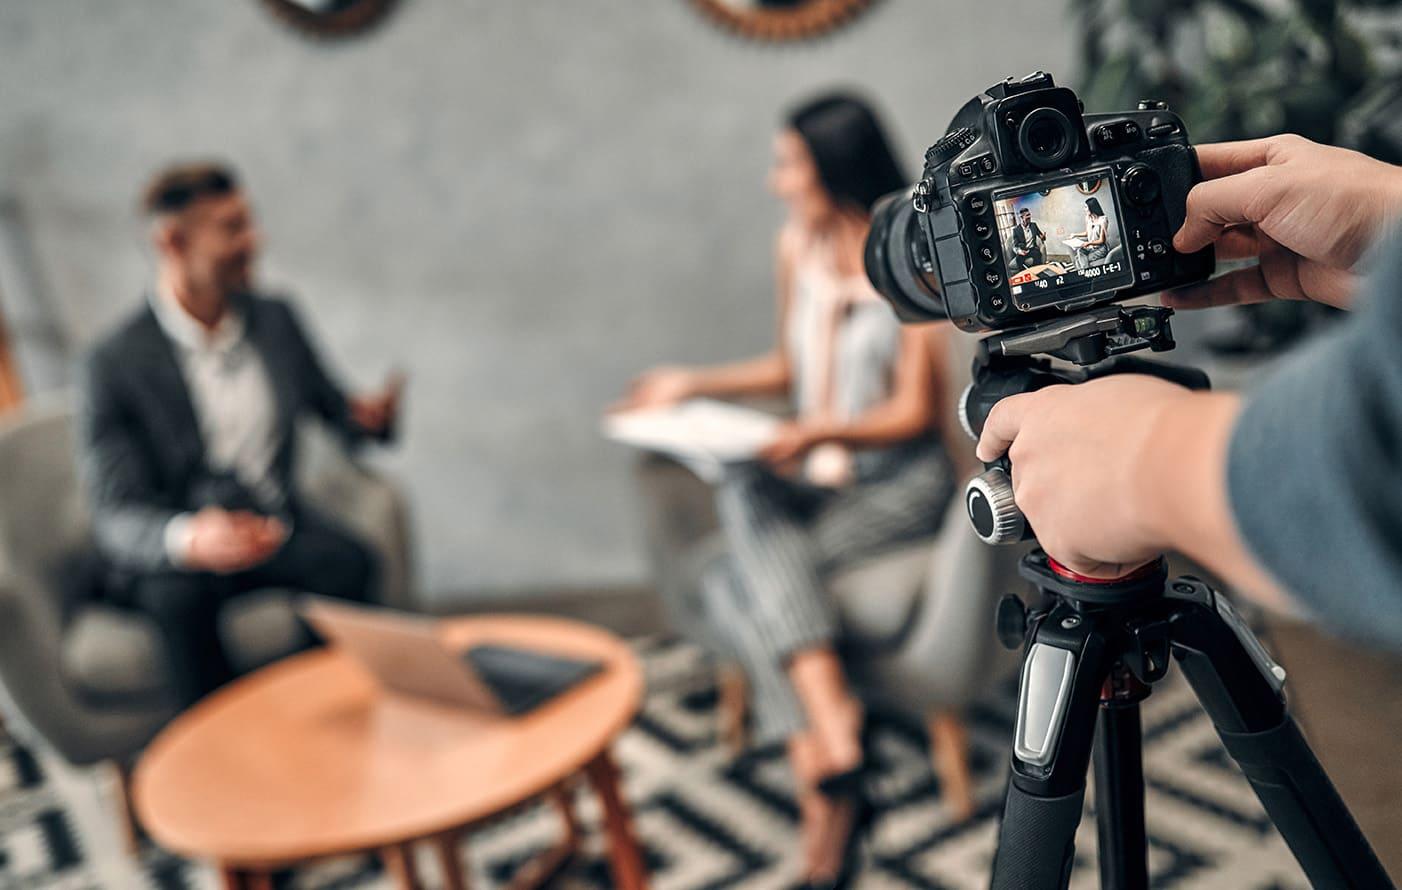 インタビュー動画の制作や編集のコツを徹底解説